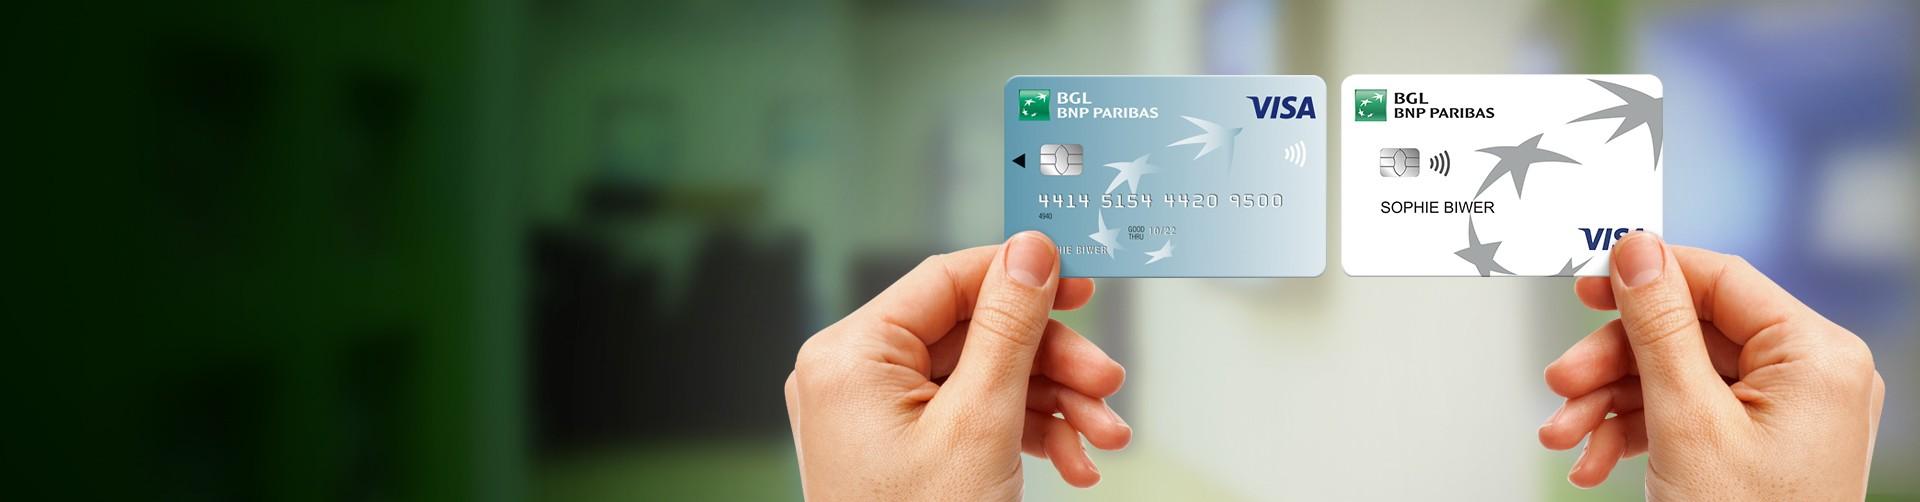 Was ist der Unterschied zwischen einer Kreditkarte und einer